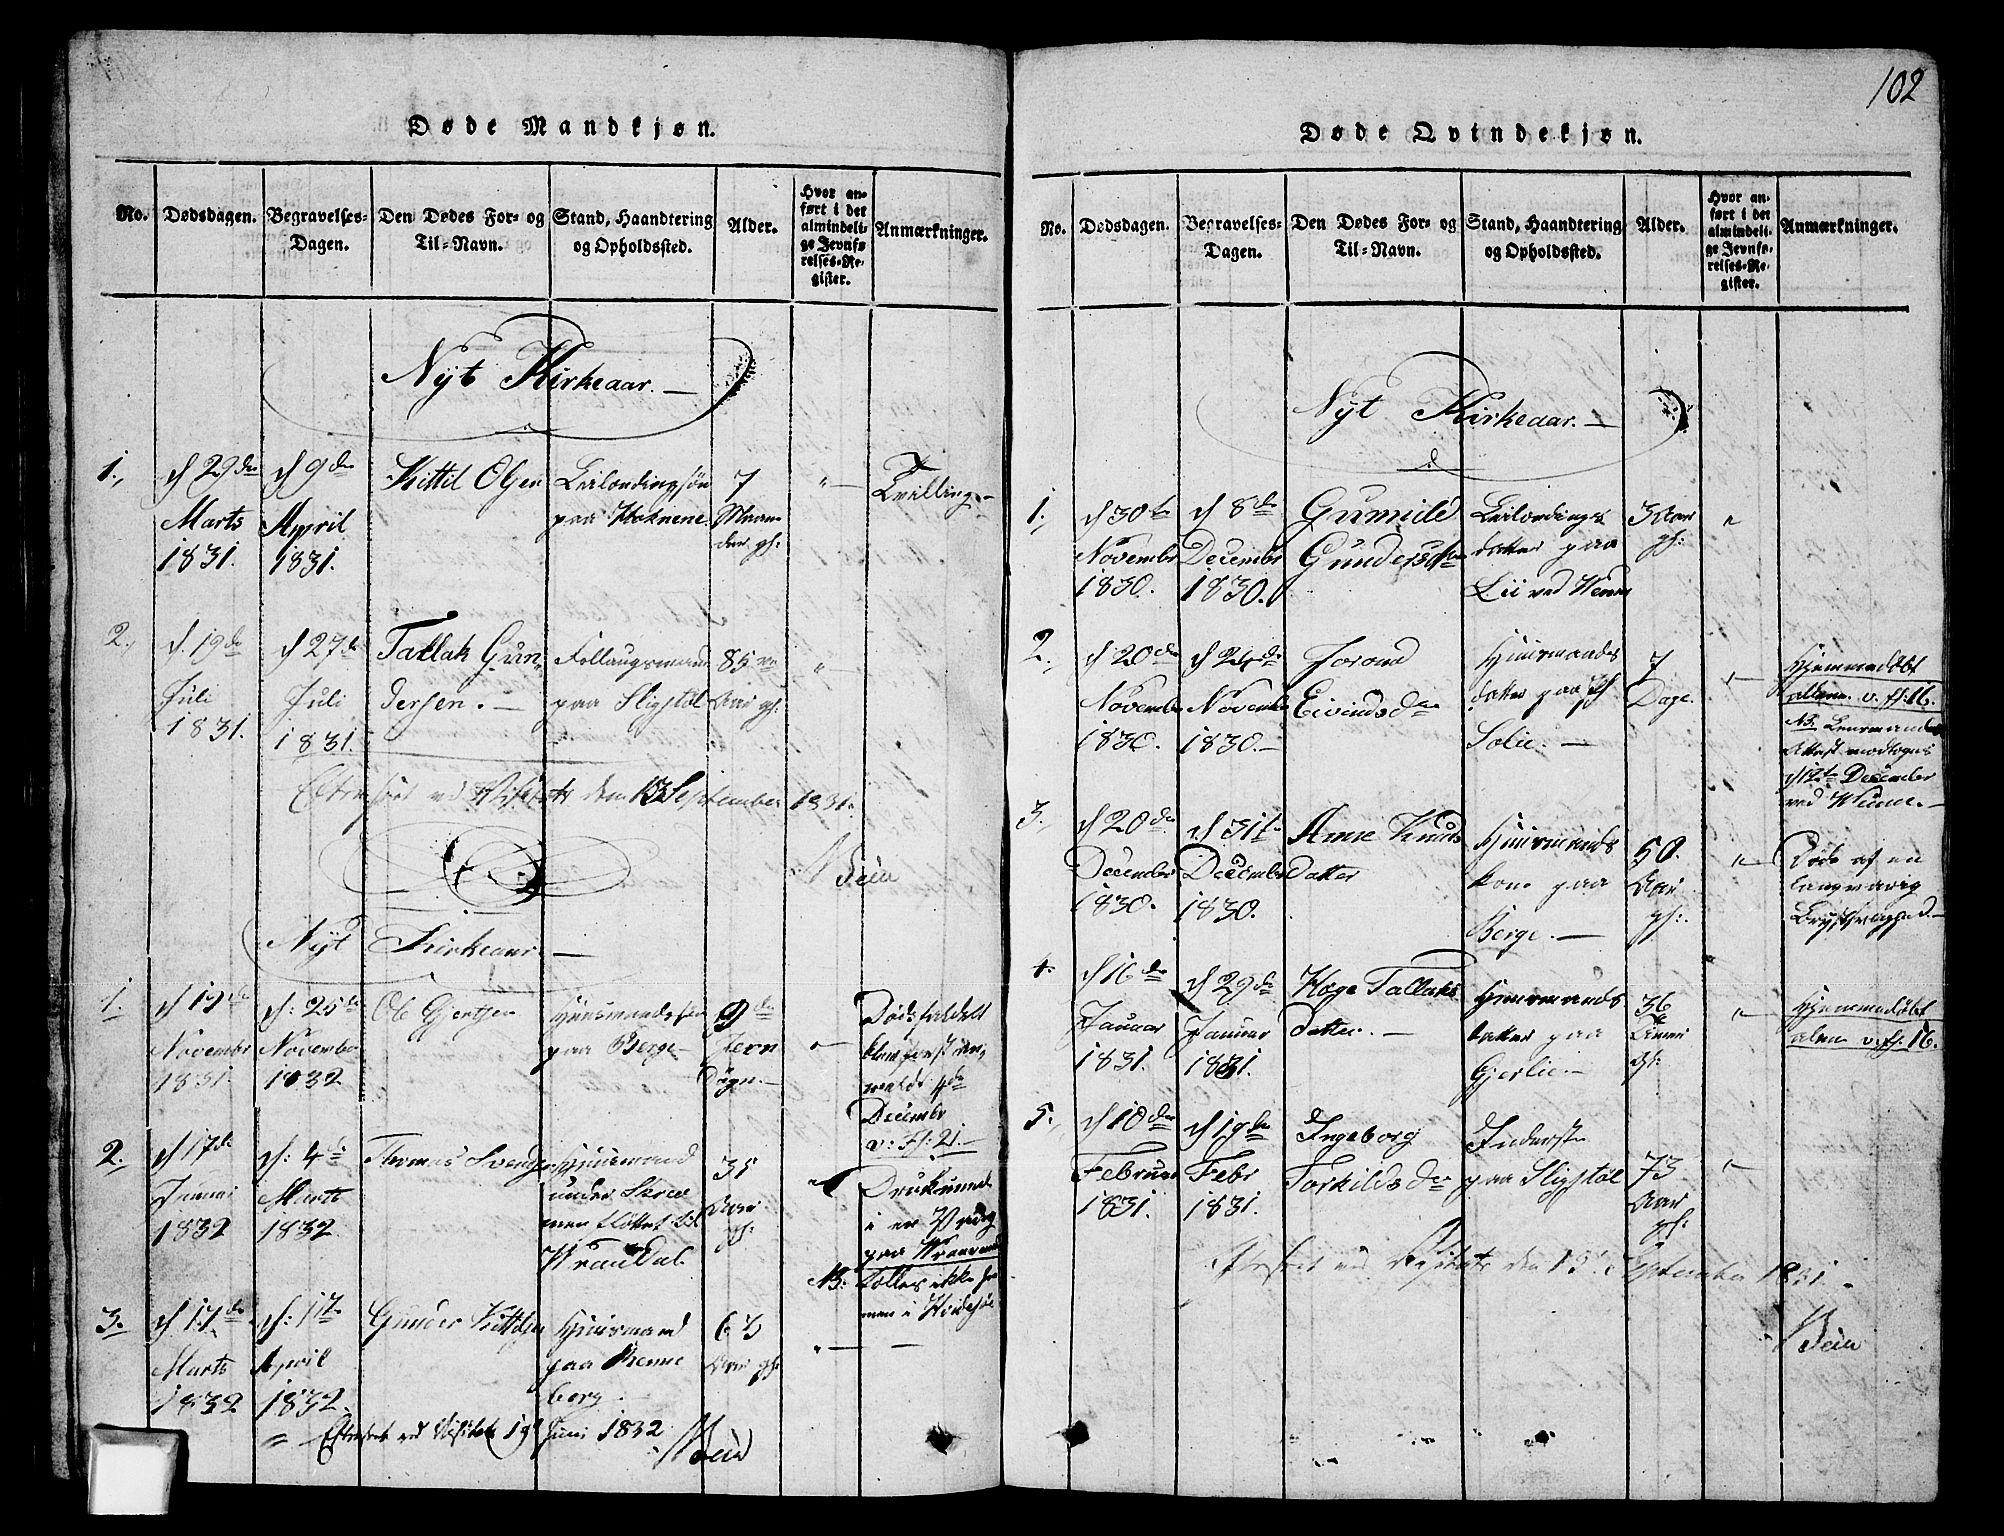 SAKO, Fyresdal kirkebøker, G/Ga/L0003: Klokkerbok nr. I 3, 1815-1863, s. 102